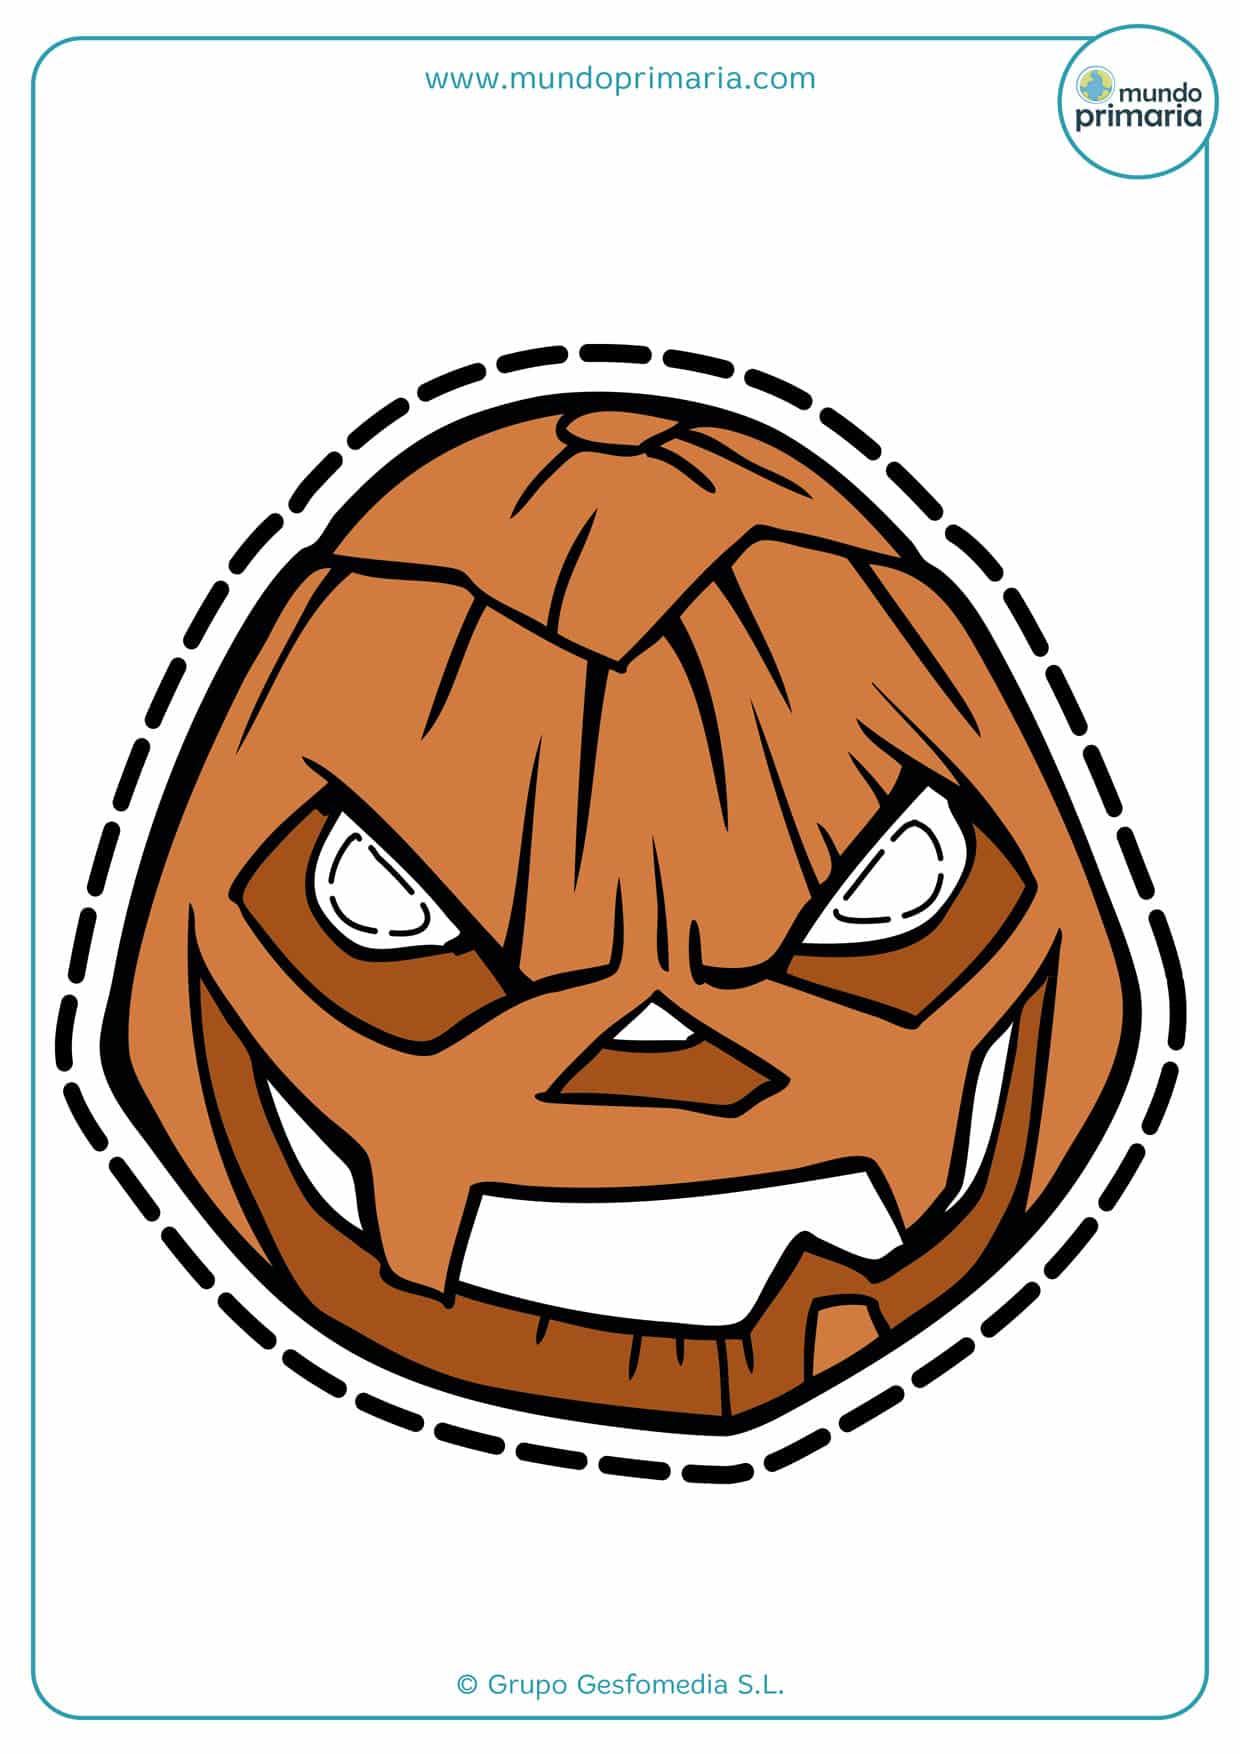 Imprime esta calabaza de Halloween y asusta a todos con ella